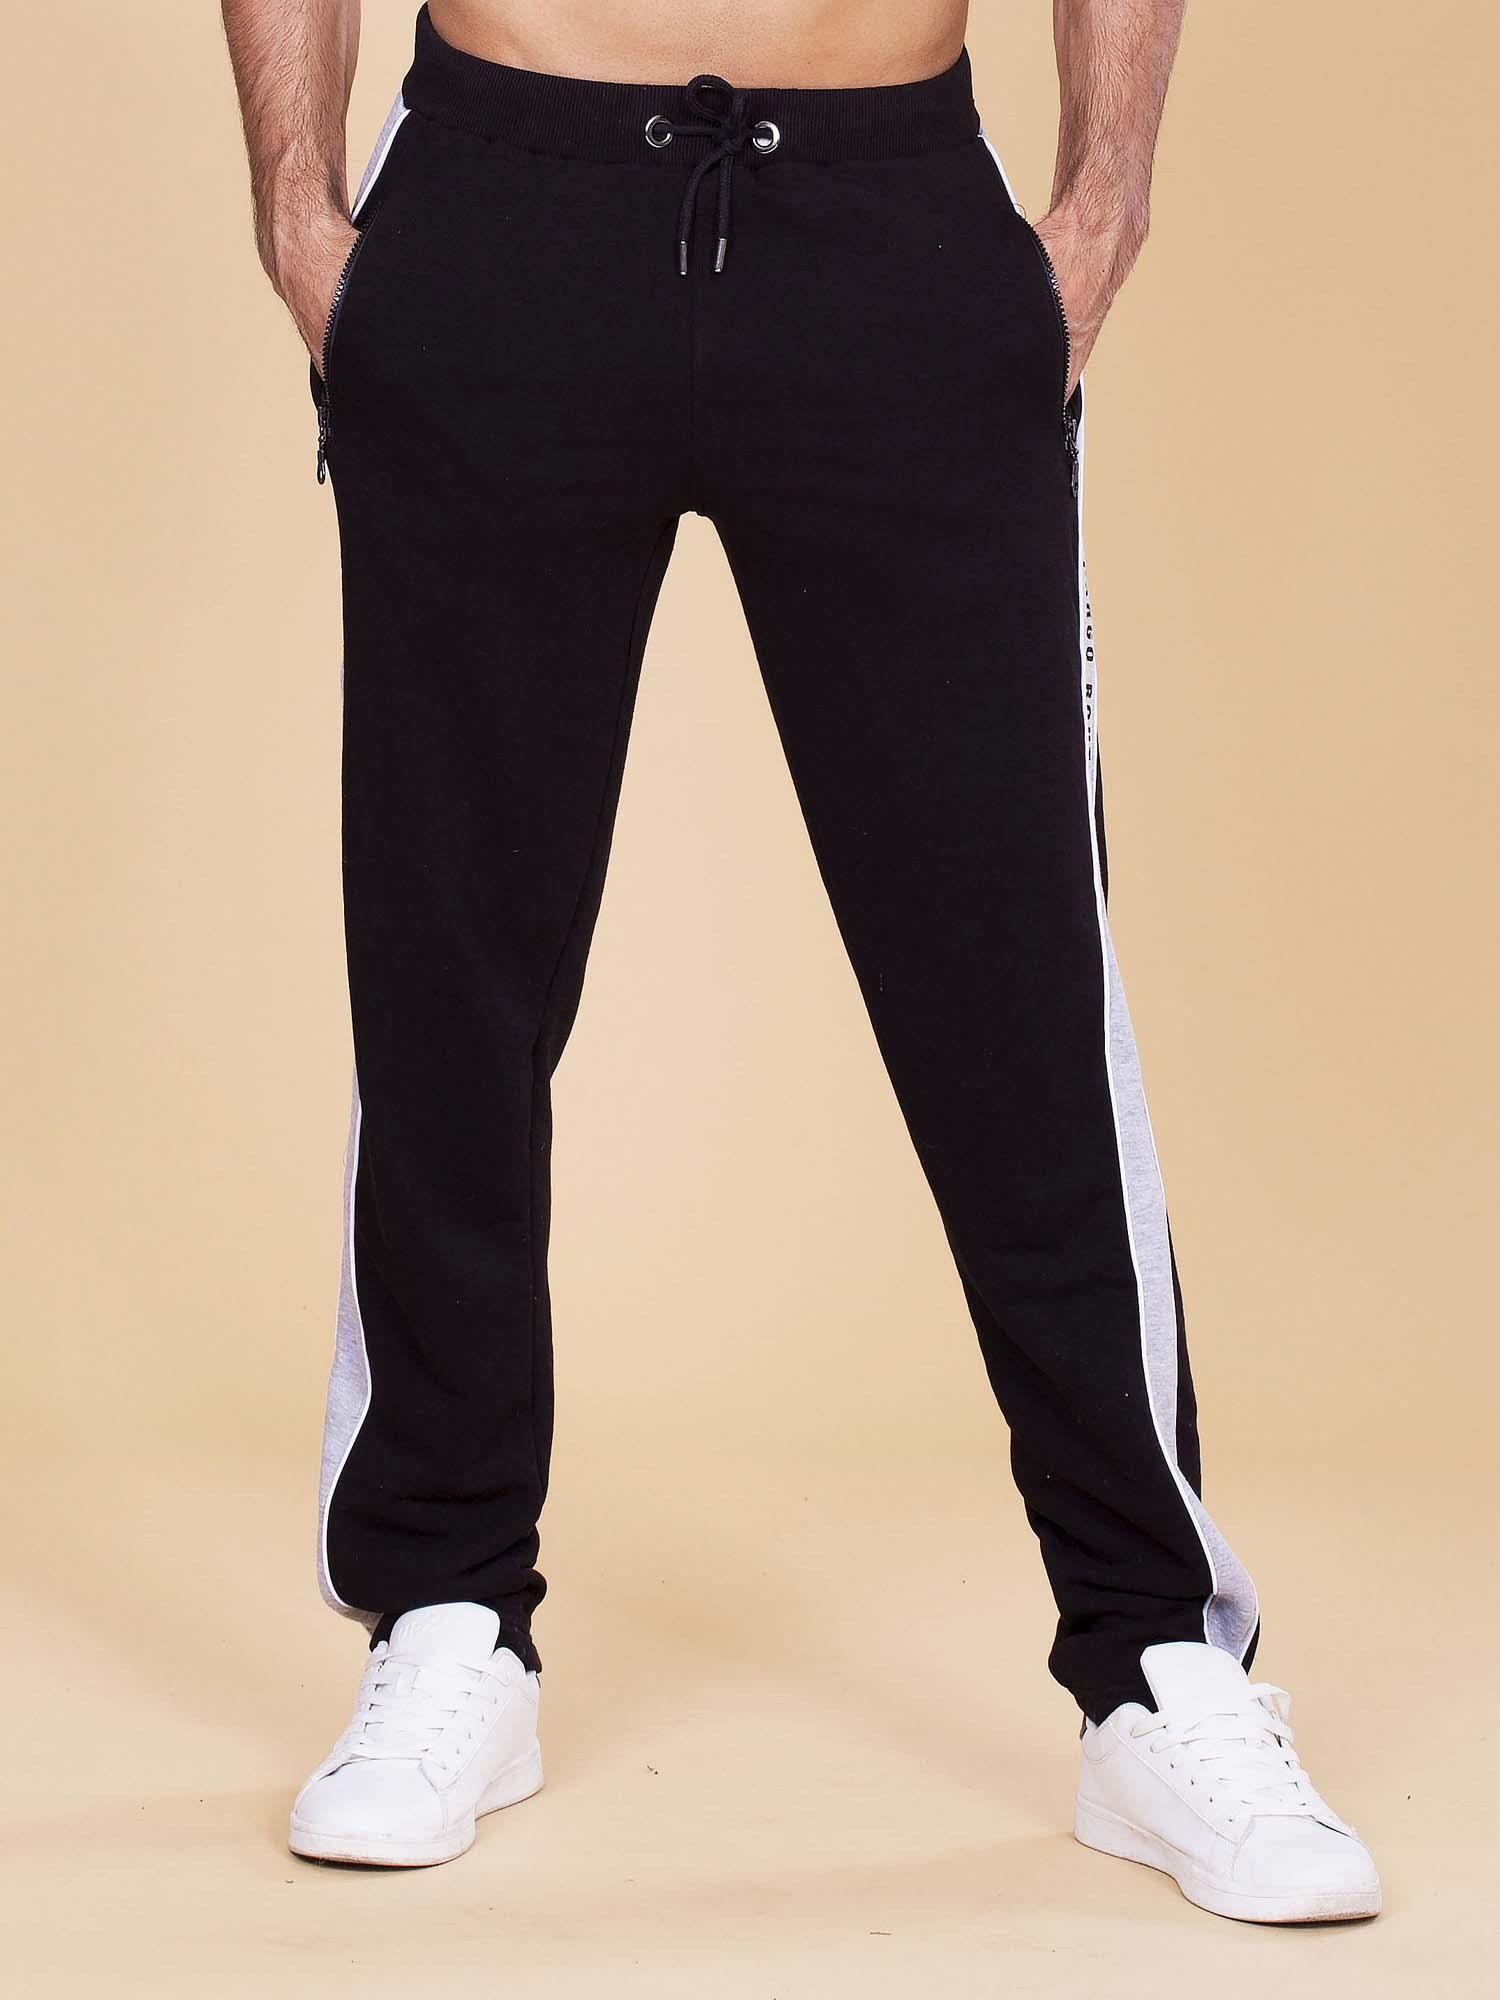 9f4d50e2 Dresowe spodnie męskie z lampasami czarne